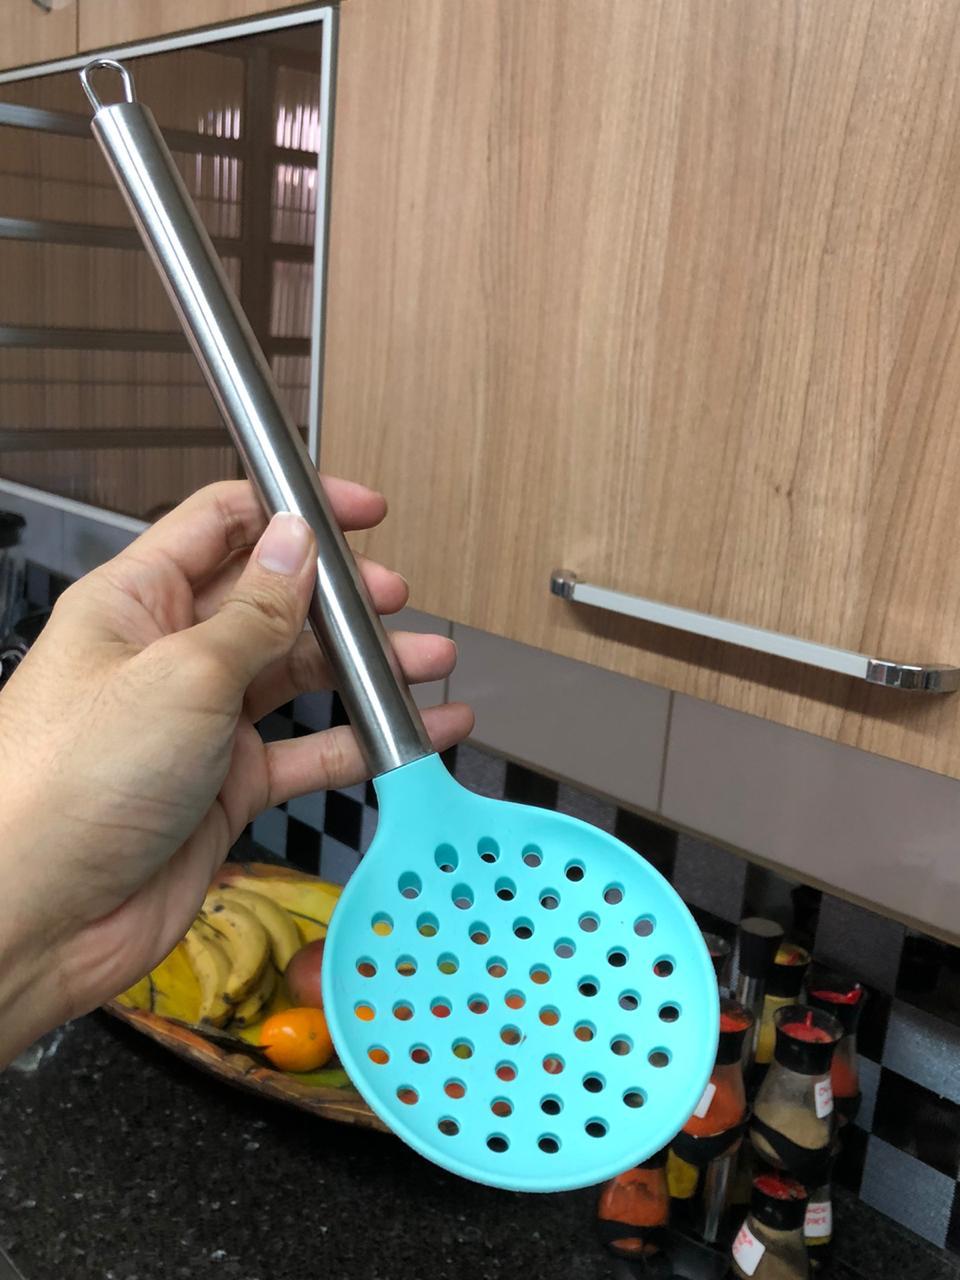 Escumadeira de silicone frituras espumadeira salgados pastel vazada inox  33cm utensílios de cozinha